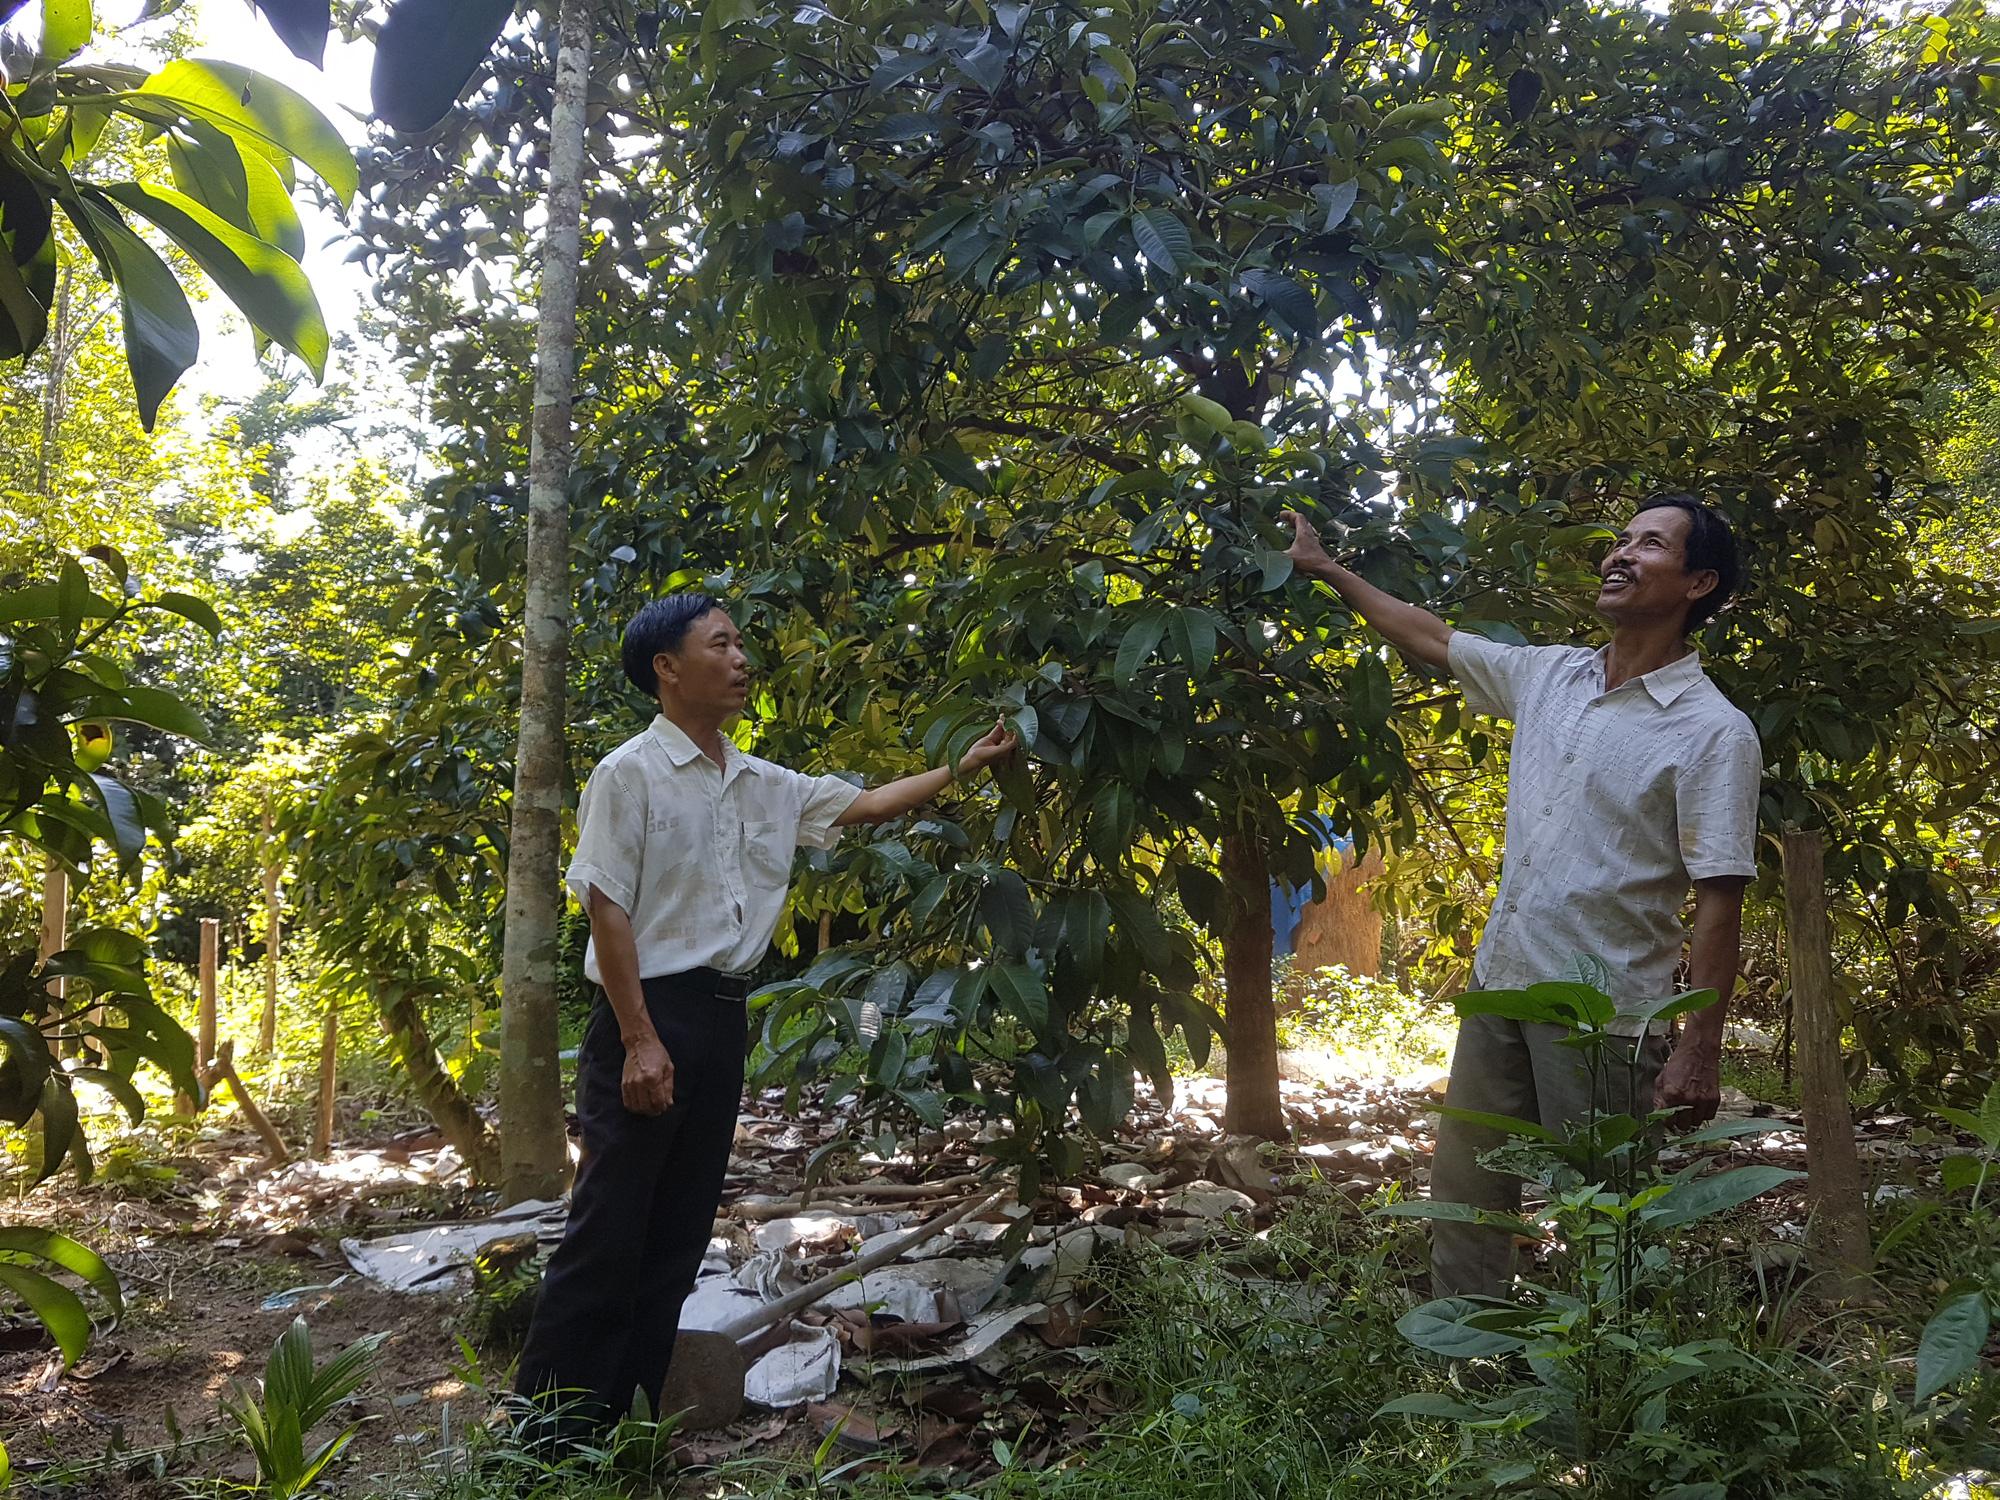 GĐ Sở NNPTNT tỉnh Quảng Nam - Đưa công nghệ cao vào giúp nông dân     - Ảnh 3.